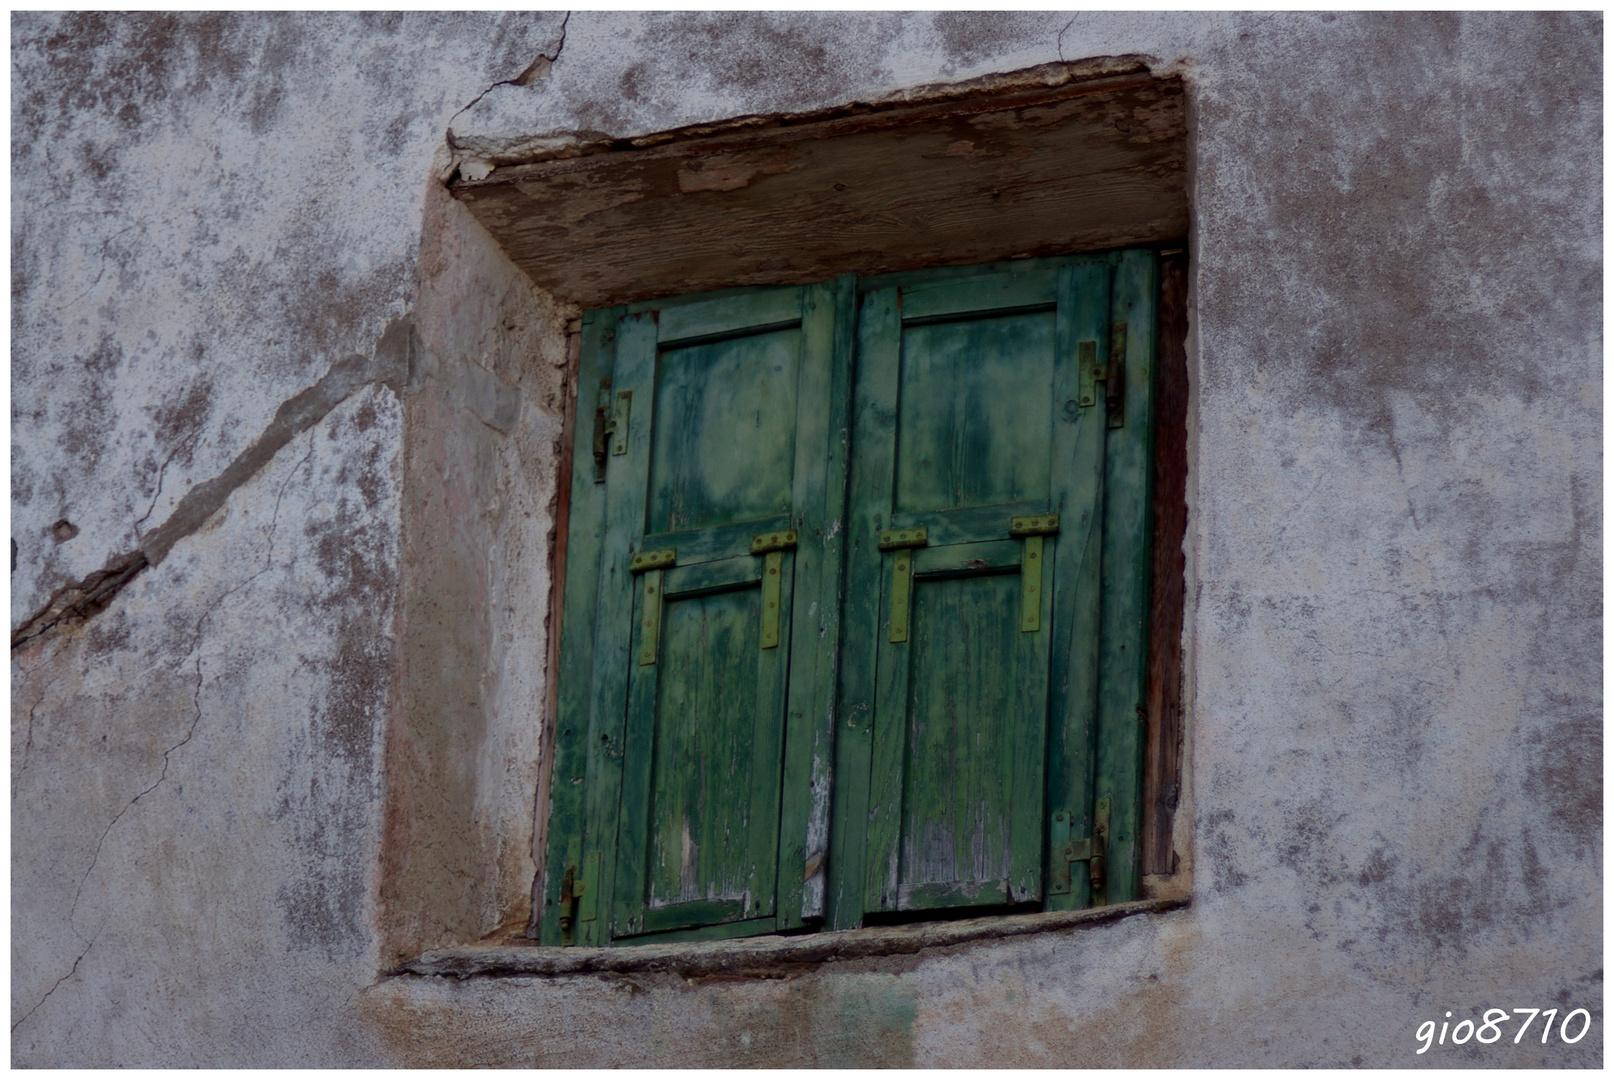 Die grùnen Fenster